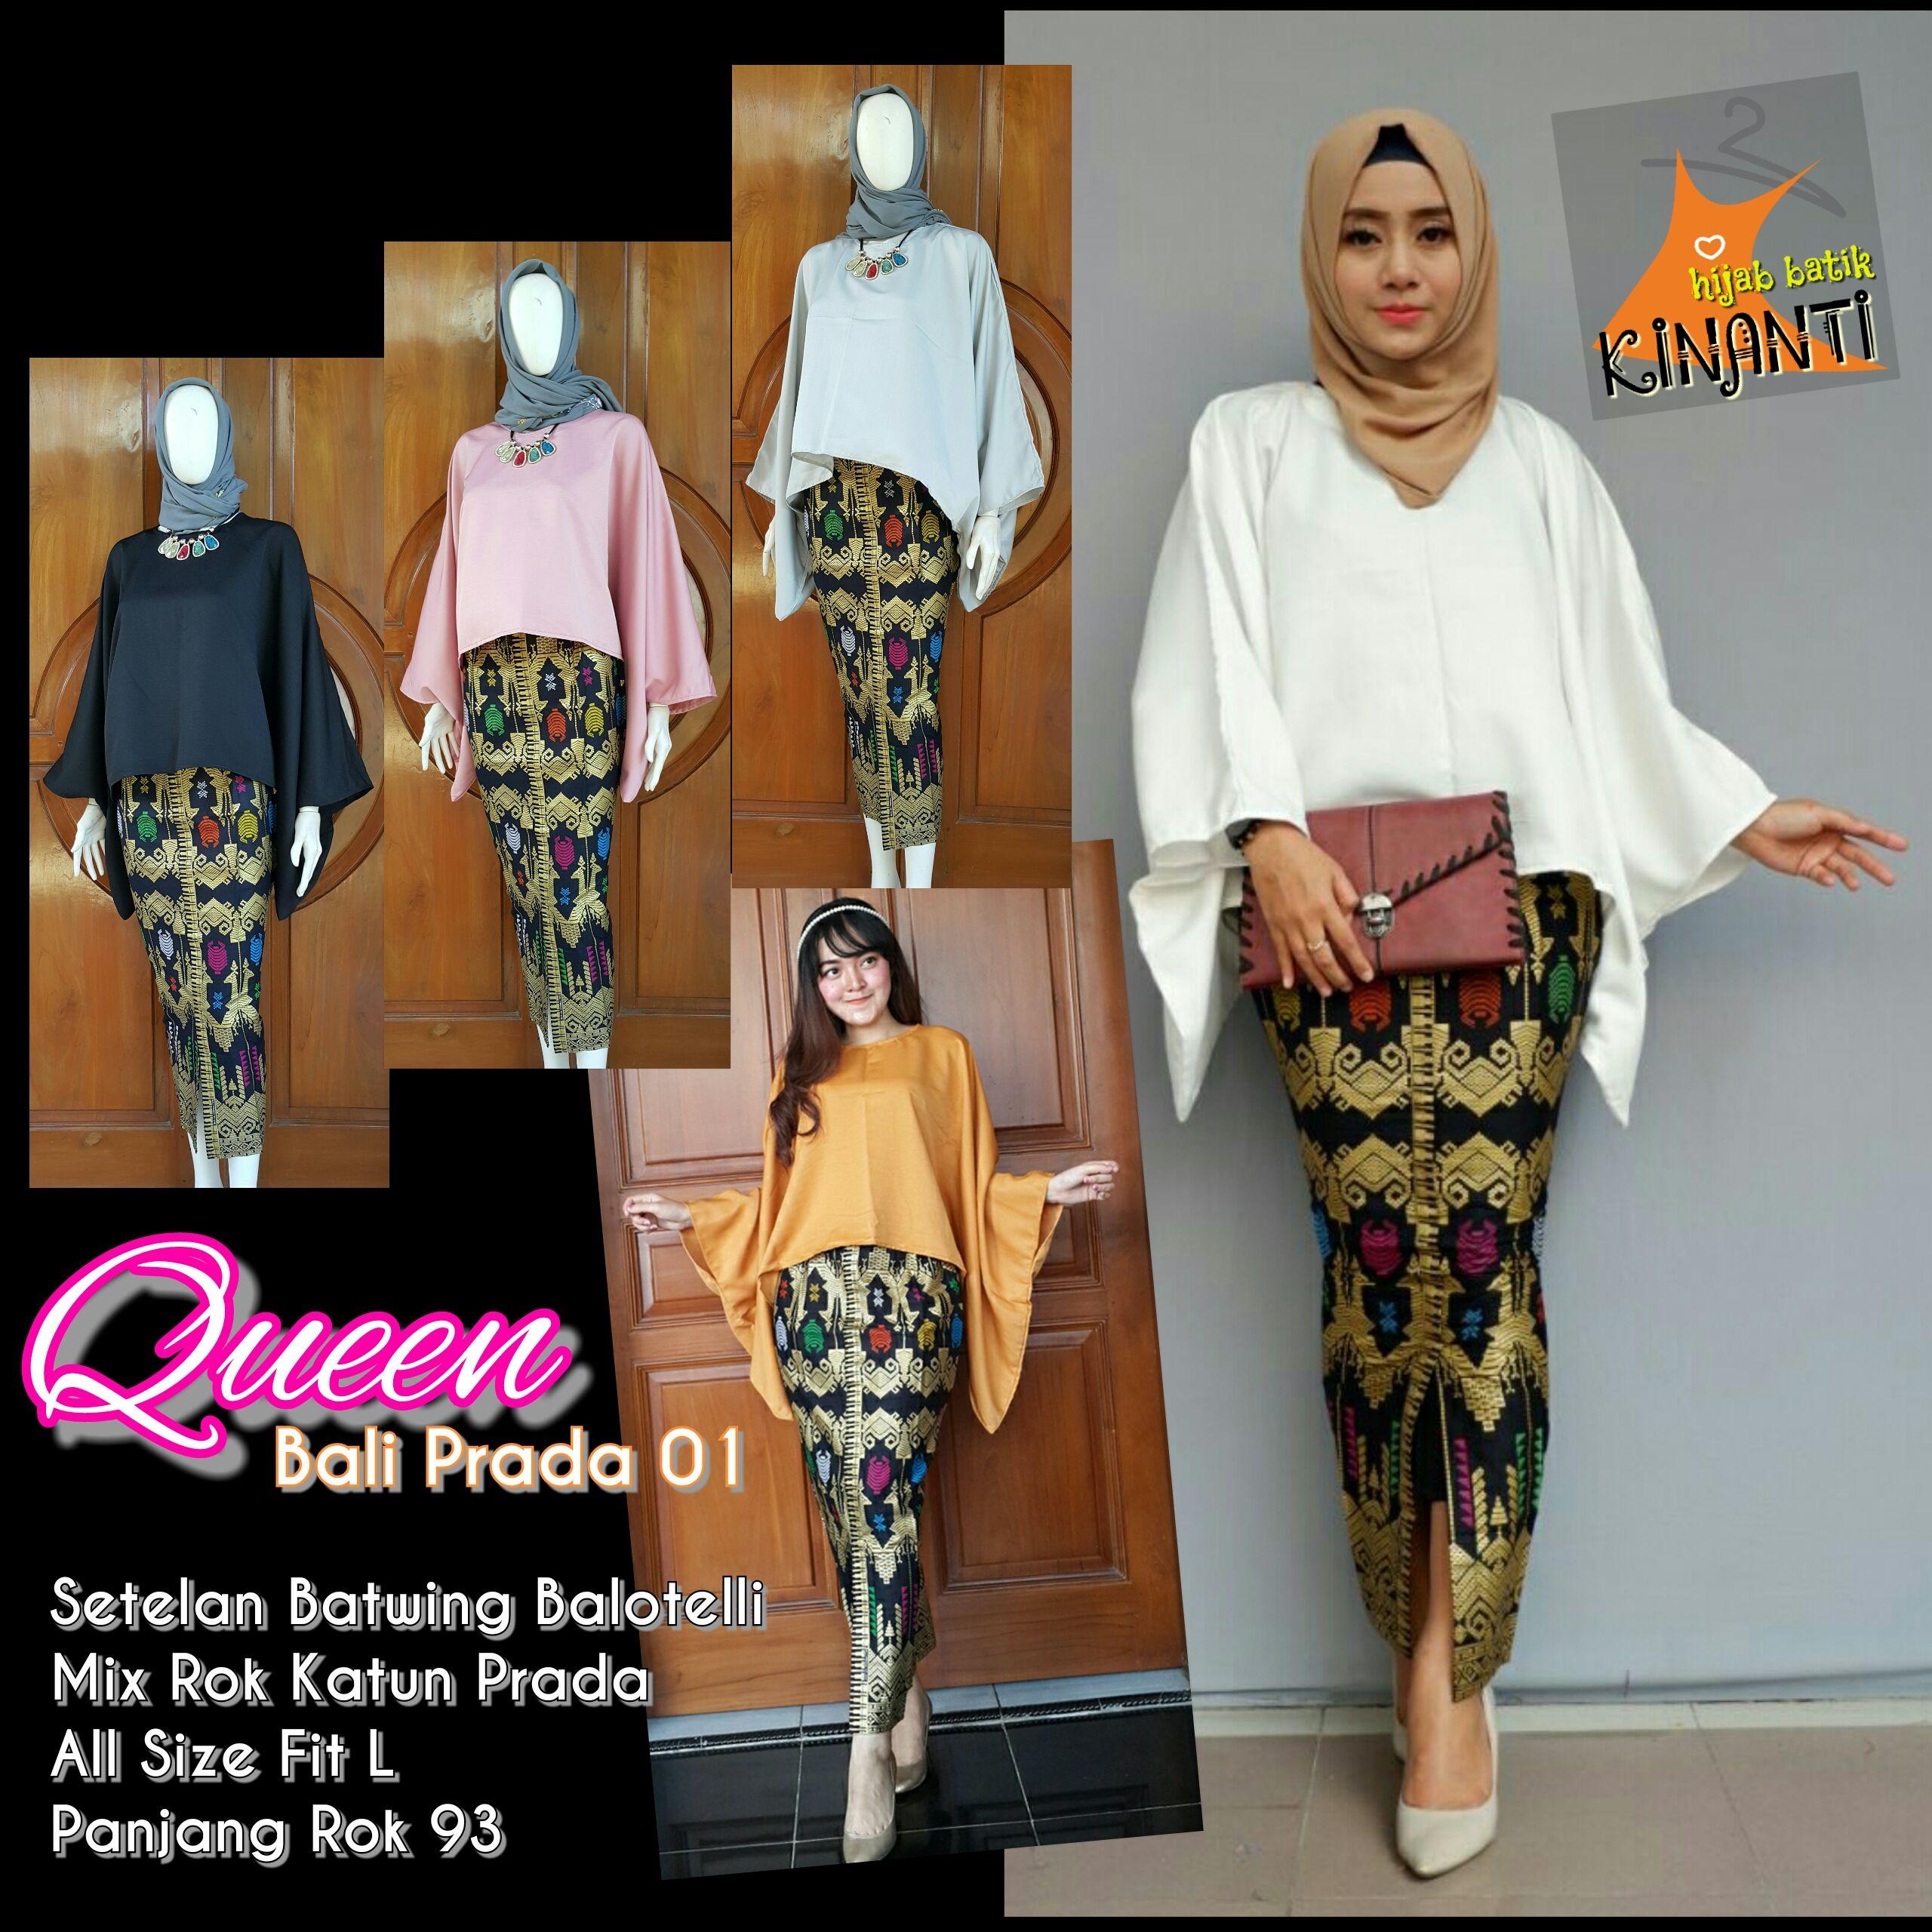 Sale Wa 0812 2533 6662 Grosir Baju Batik Kebaya Online Grosir Baju Batik Kelelawar Gaya Model Pakaian Model Pakaian Batik